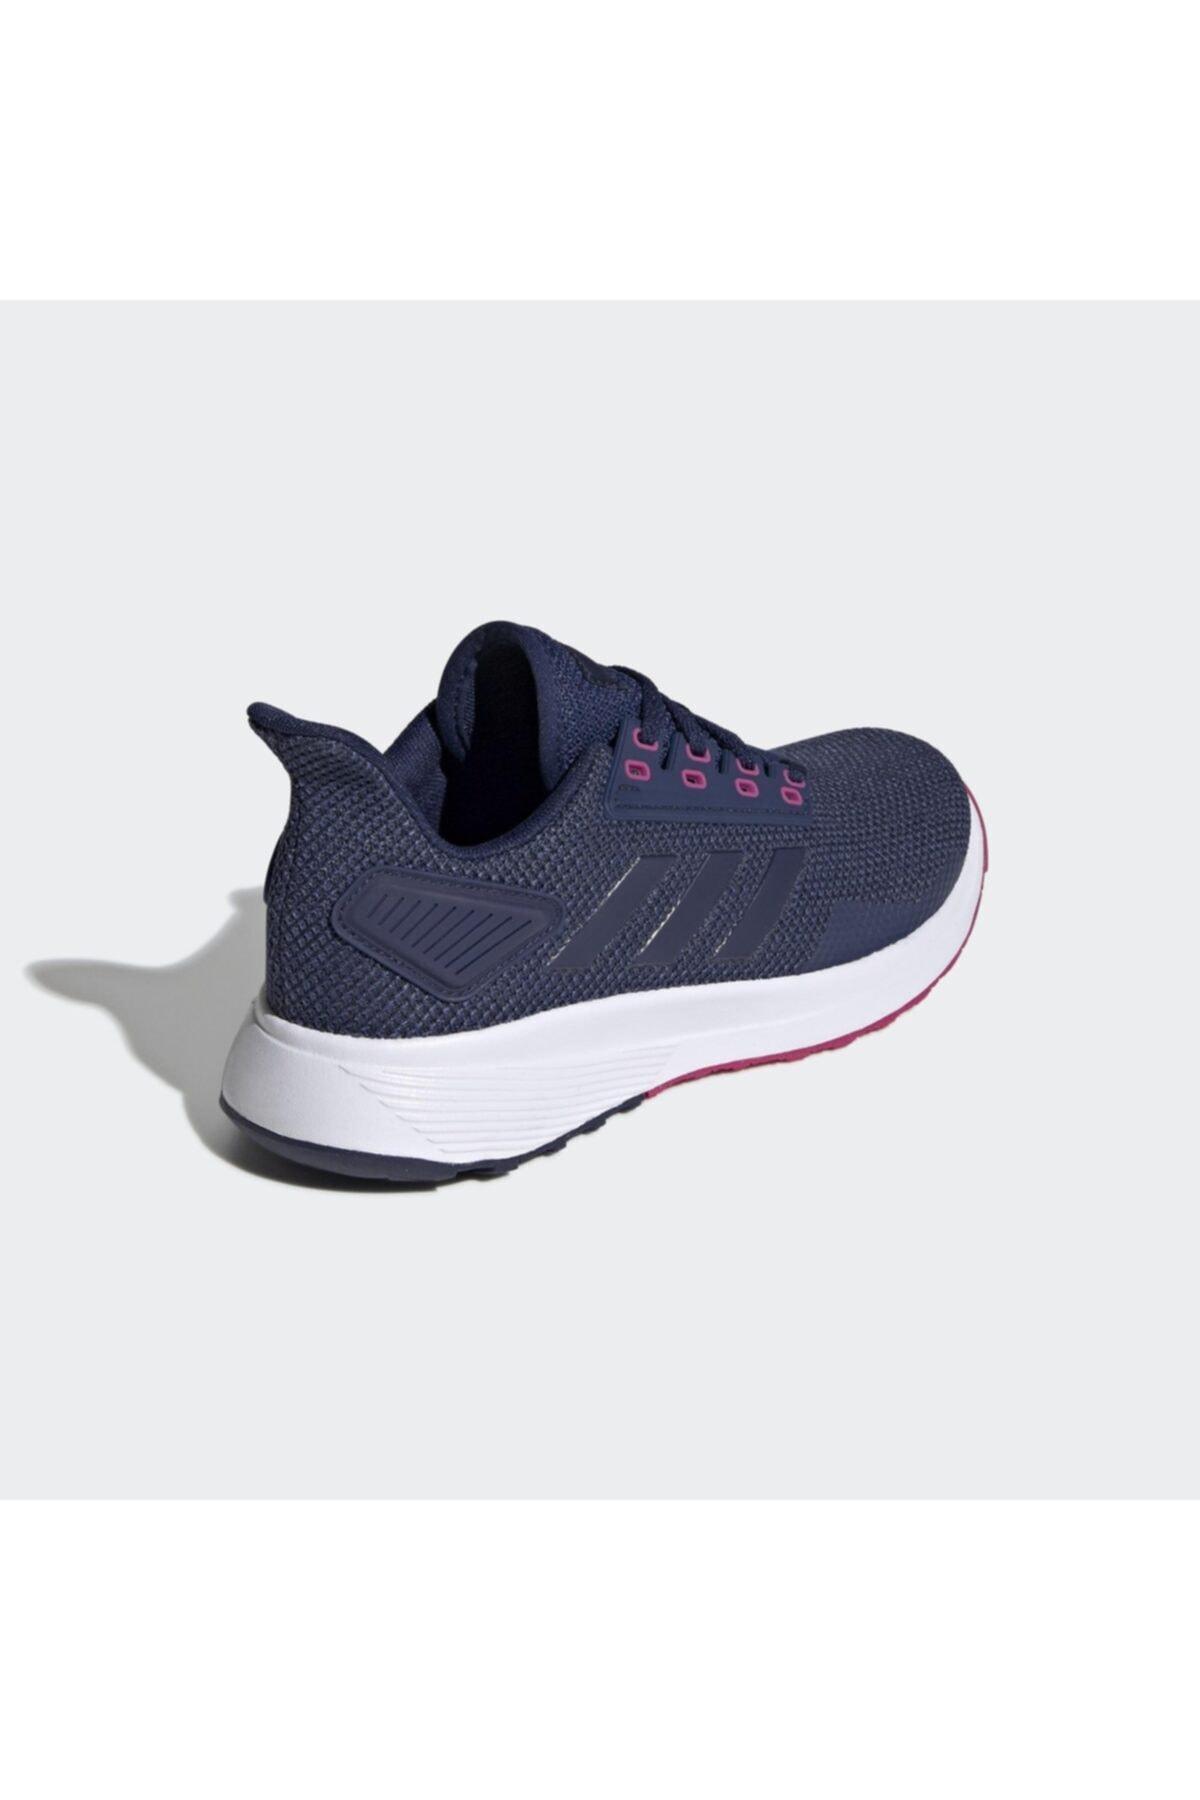 adidas F34761 Duramo 9 Lacivert Kadın Spor Ayakkabı 2